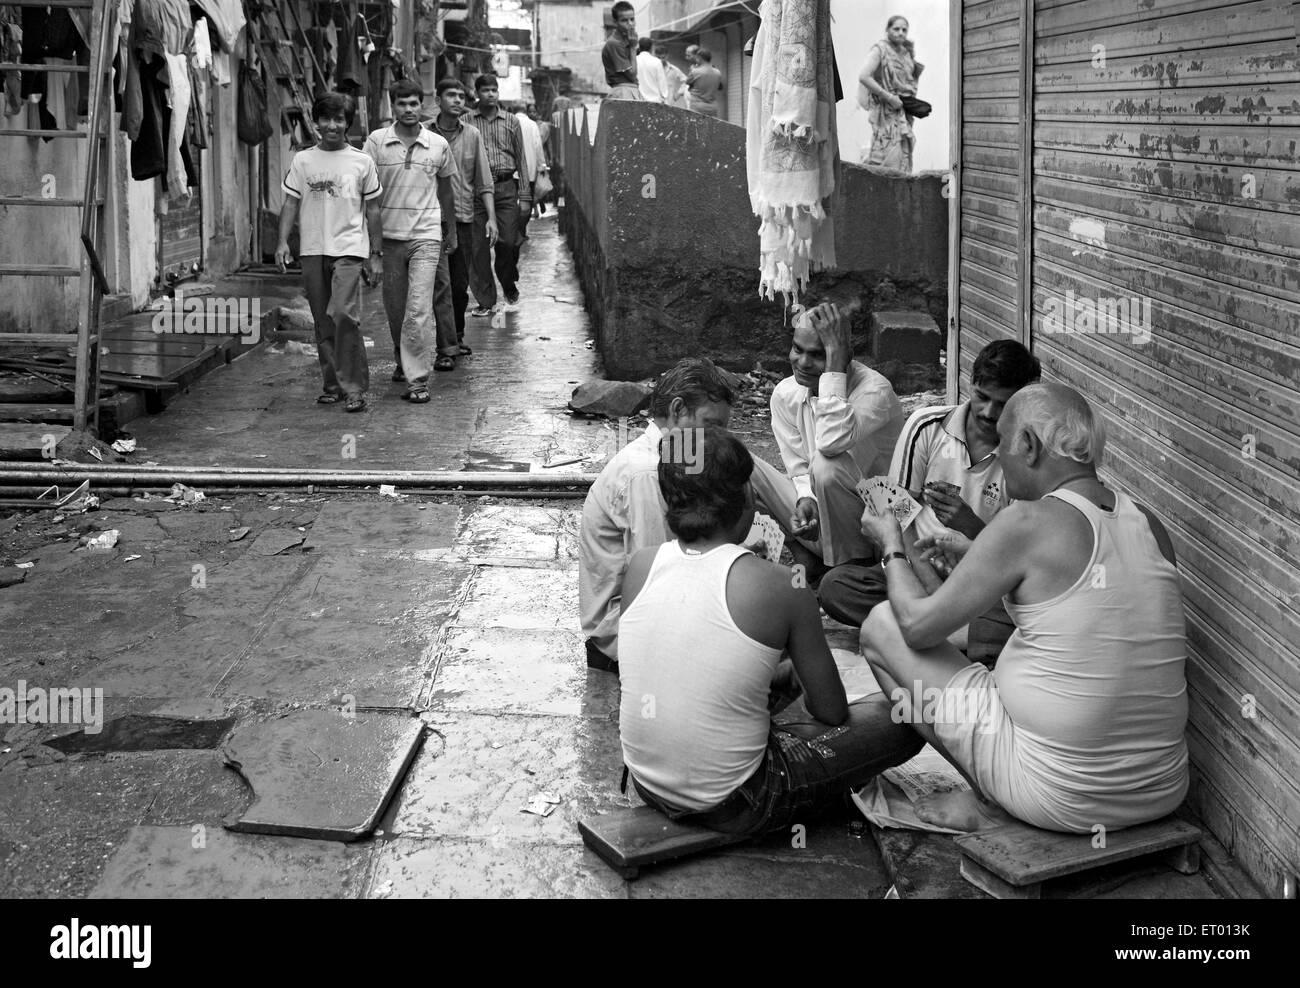 Dwellers playing cards in Dharavi slum ; Bombay Mumbai ; Maharashtra ; India - Stock Image